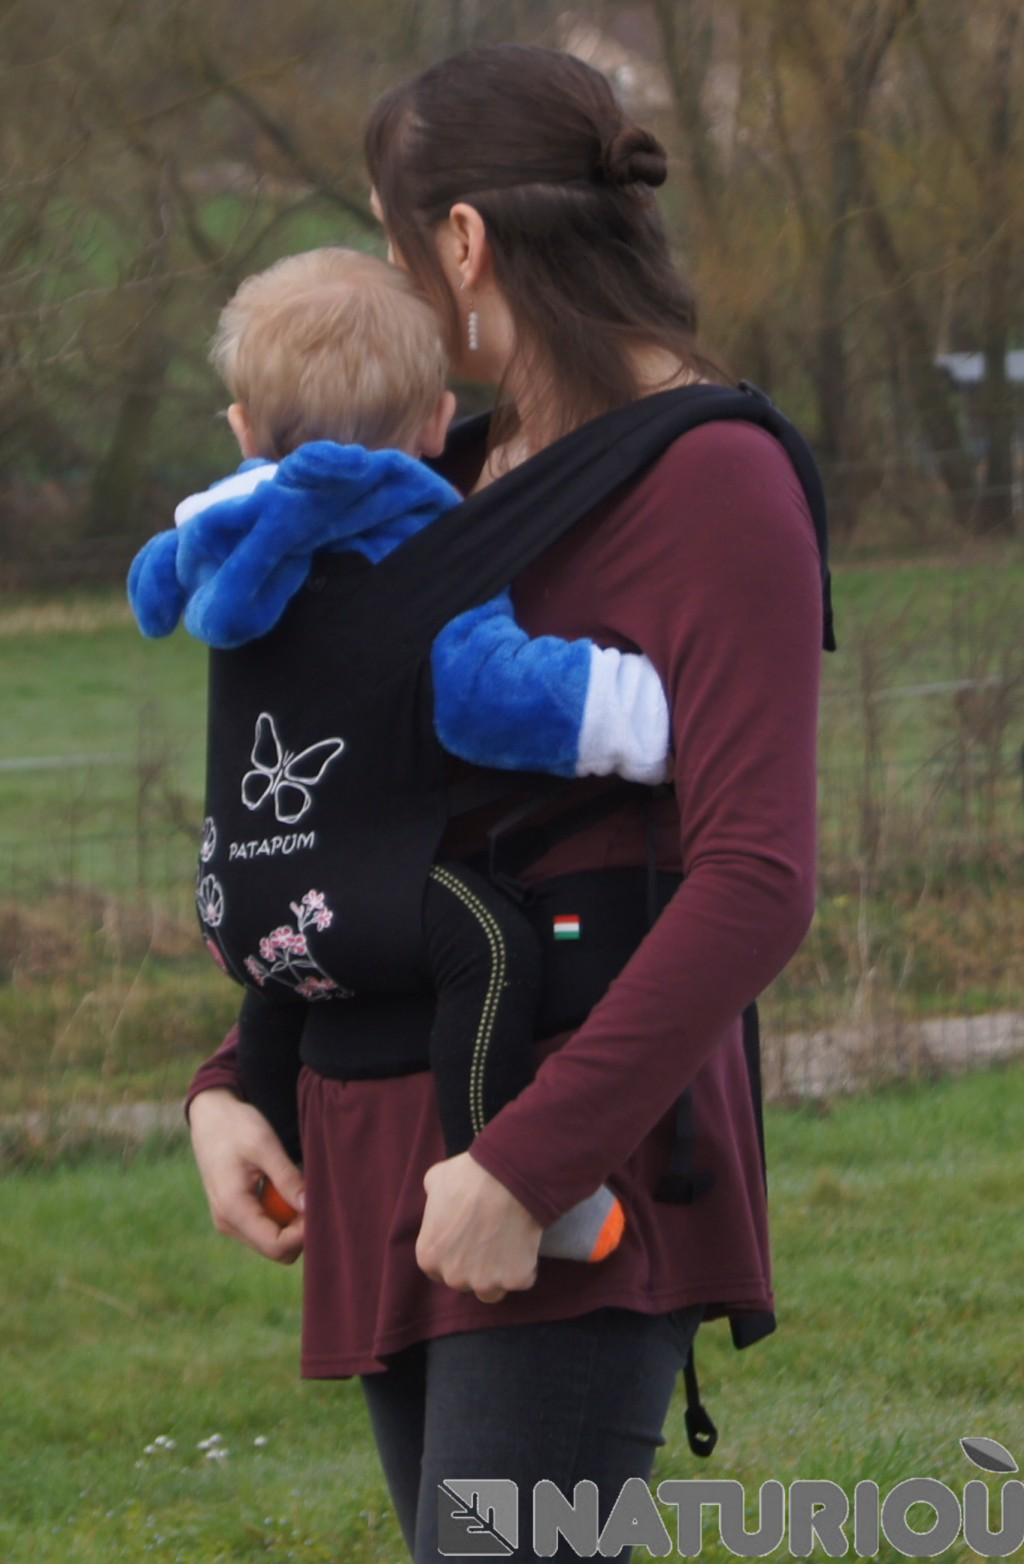 Avis sur le porte-bébé Patapum Toddler par Gaëlle